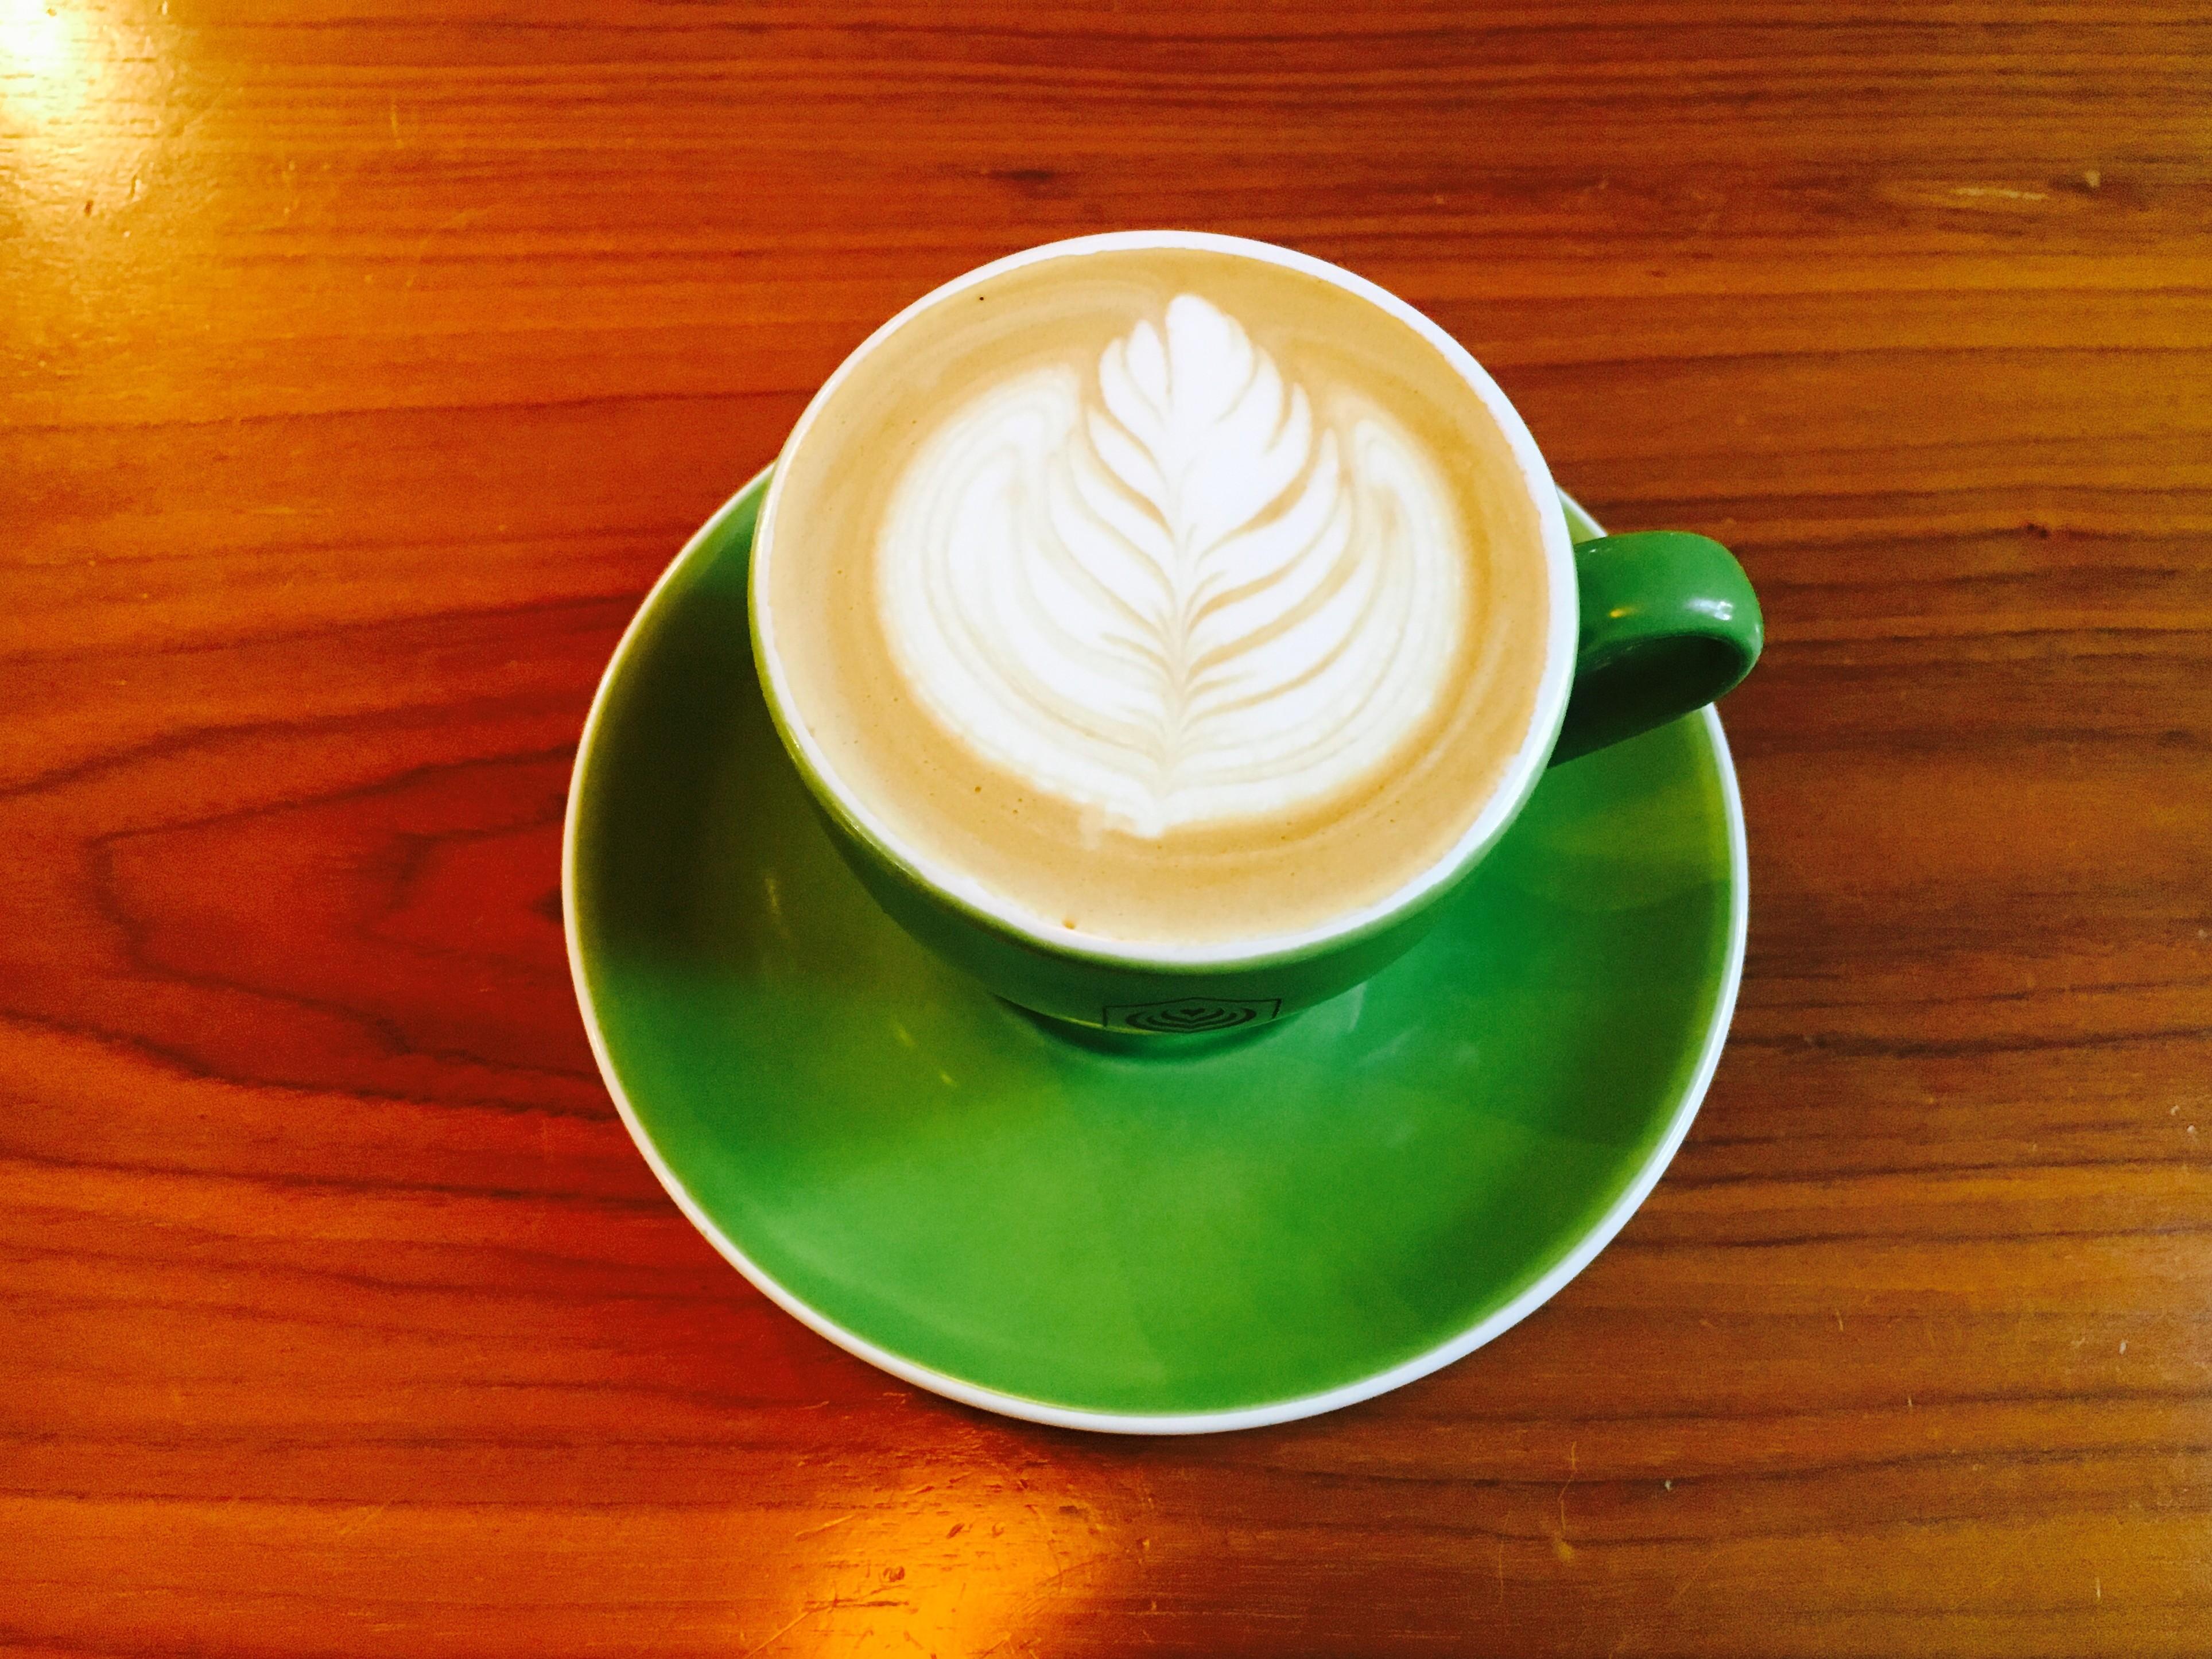 【コミューン】熊本!戸島、世界最高品質のコーヒーが飲めるこだわりのカフェ